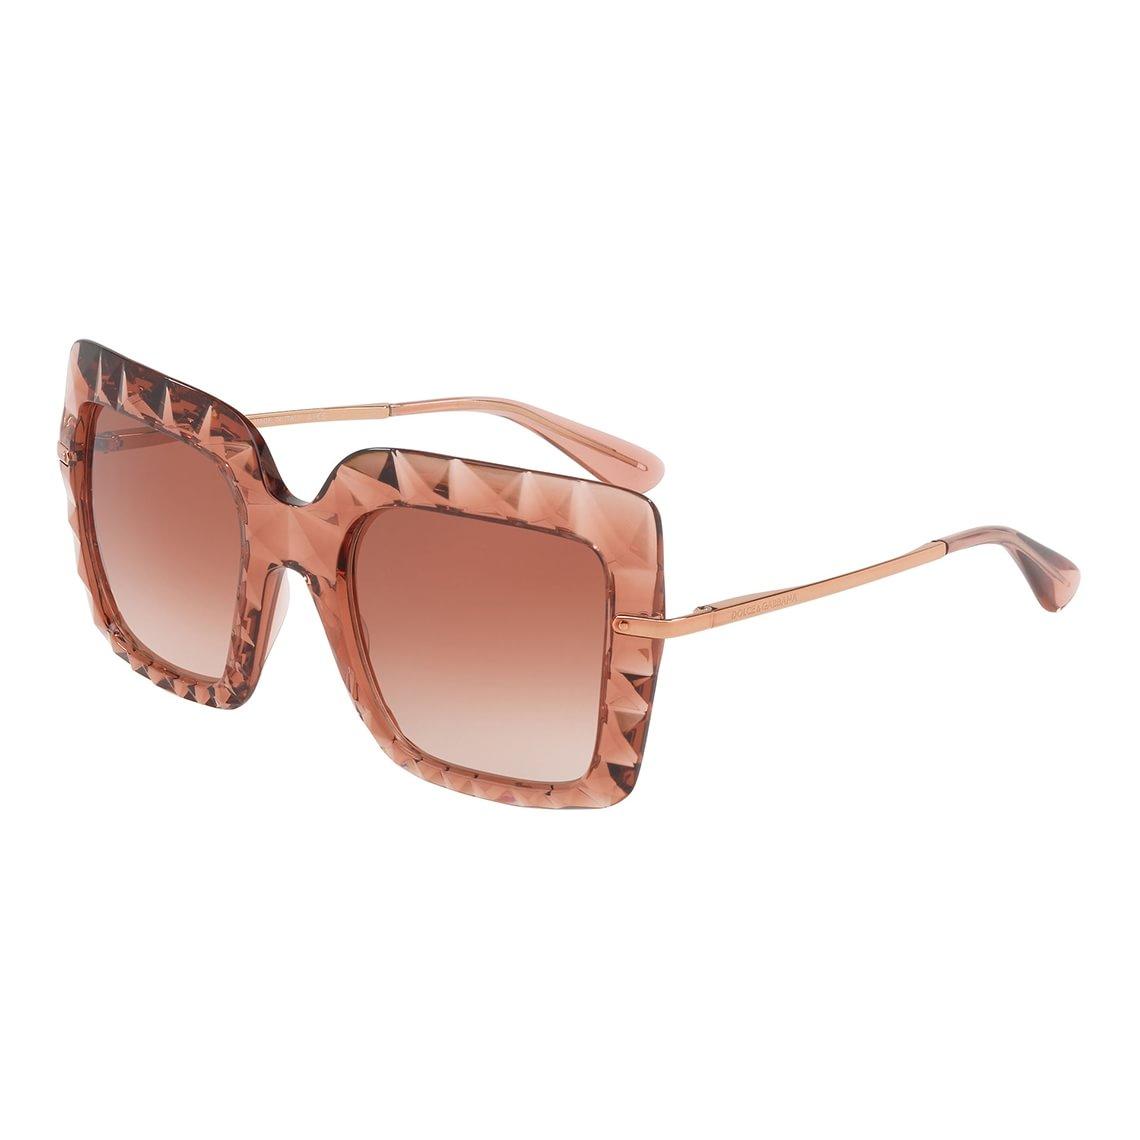 Dolce & Gabbana 0DG6111 51 314813